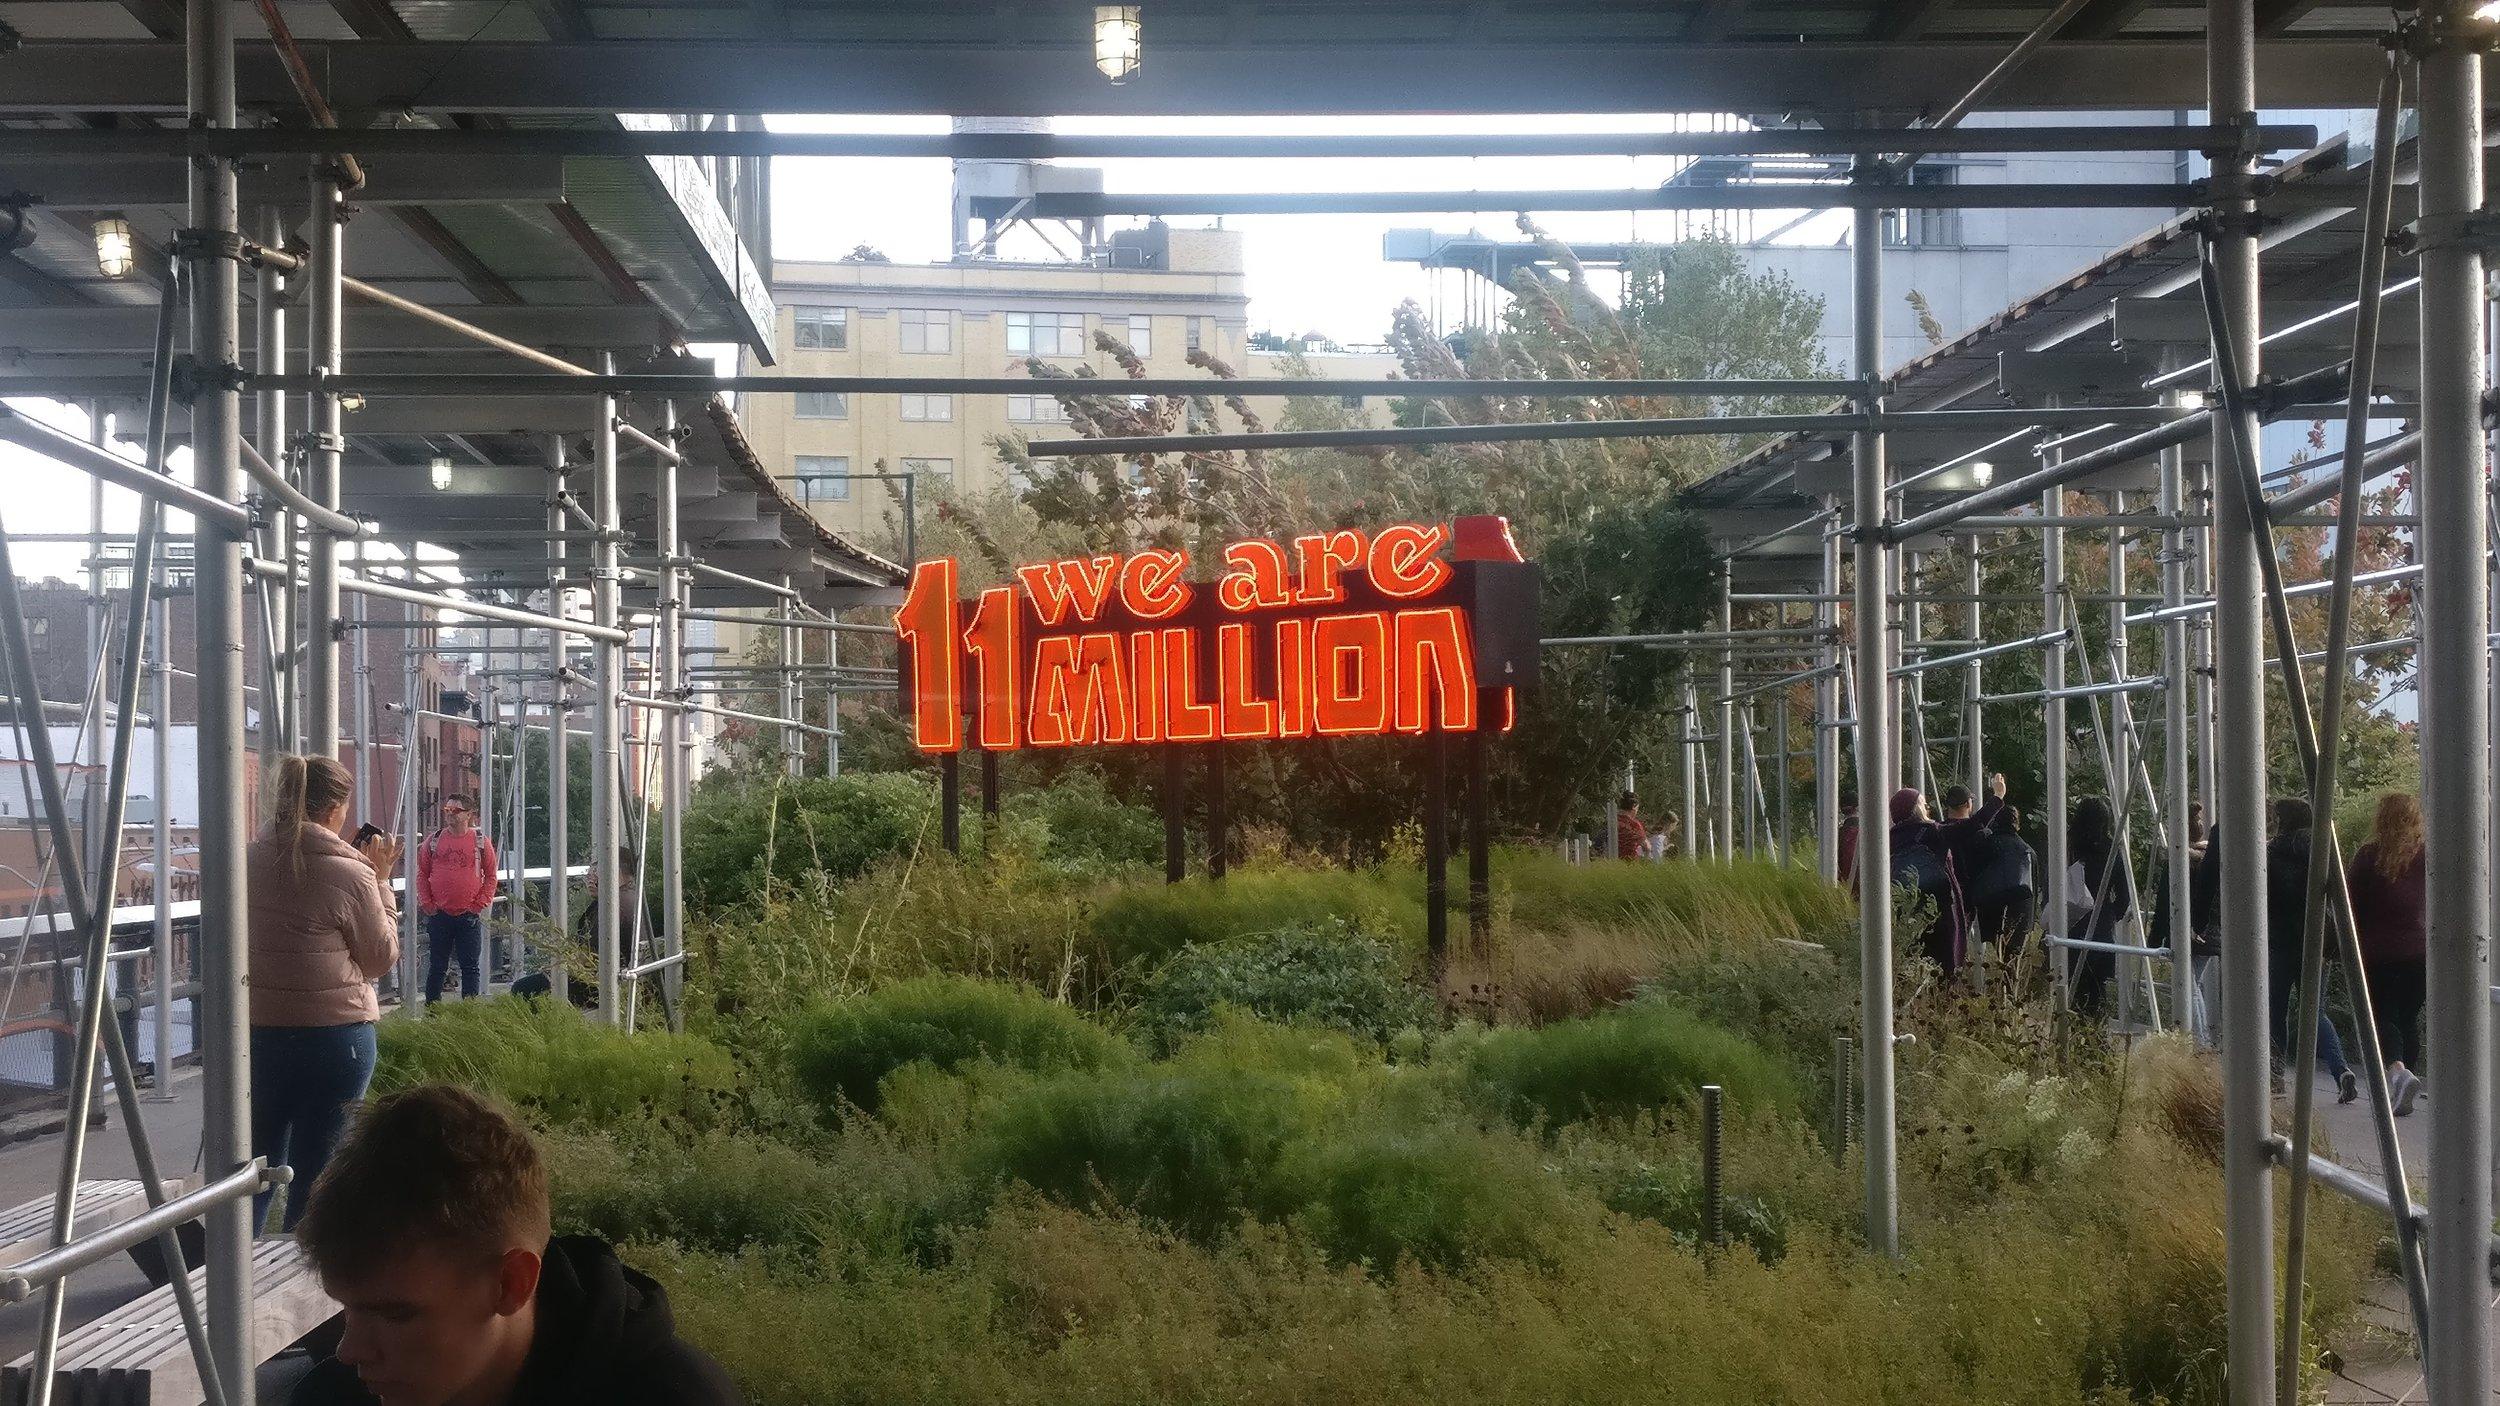 Andrea Bowersin  teos  High Linen Agora -näyttelyssä  viittaa arvioon Yhdysvalloissa elävien paperittomien siirtolaisten määrästä.